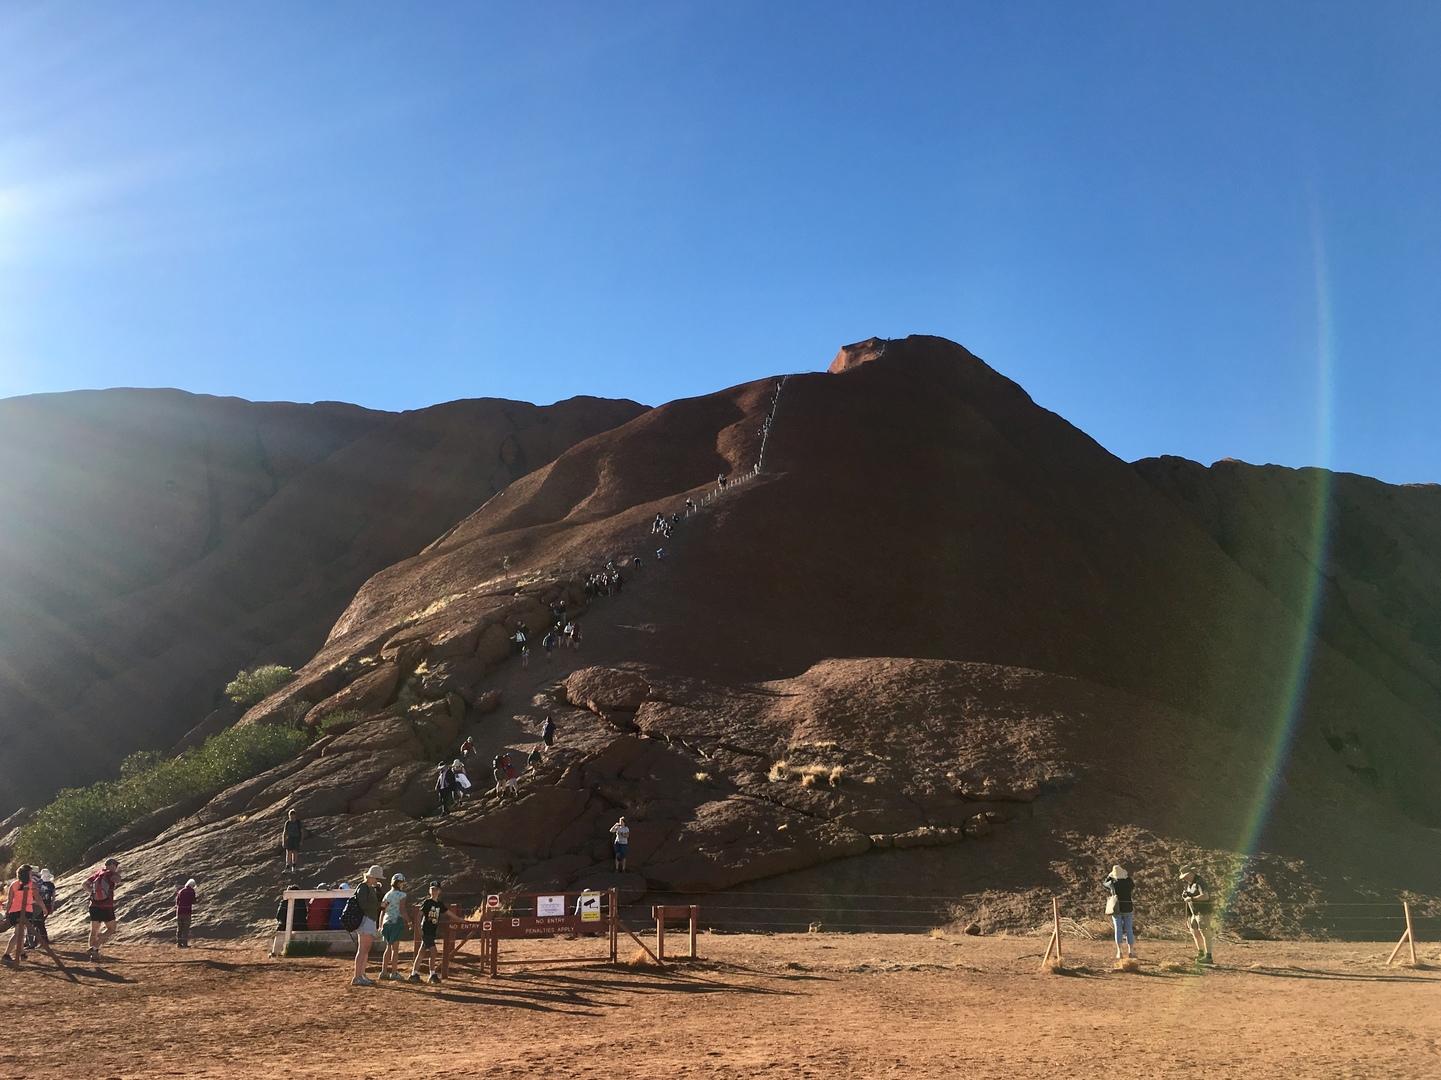 10月26日よりウルル登山が禁止になると聞き、9月2日~4日に主人と参加しました。英語は不慣れなため、危険を伴う可能性もあるウルルだけはこちらの日本語ツアーを利用しました。ウルルやカタジュタに向かうバスの中でもいろいろな説明を聞けて楽しく過ごせました。サンライズを見るため早朝集合もありましたが無理なスケジュールではなく、自由時間もあって体力面でもゆっくりできて良かったです。運よく登山道も開いていたため、少しだけウルルにも登らせてもらい良い経験ができました。